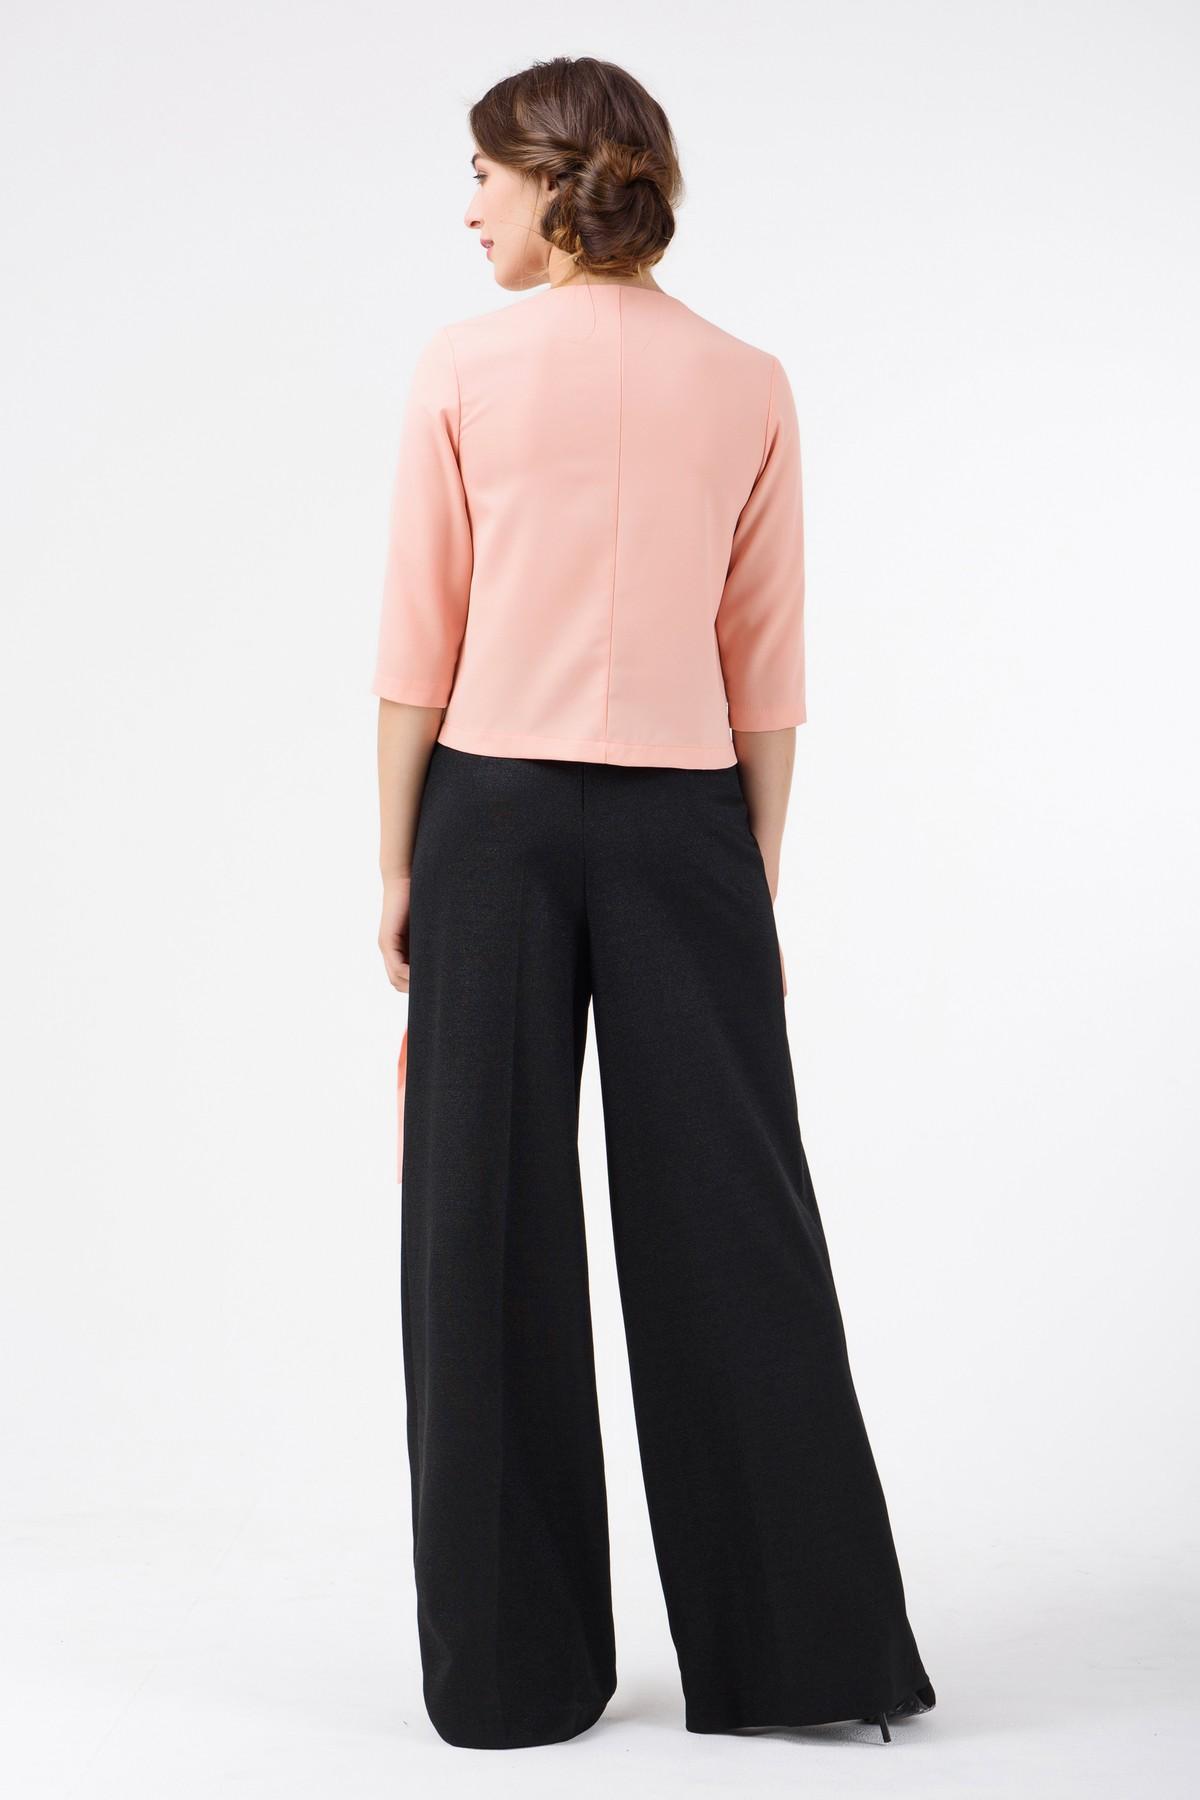 dbcc7fdc5494 Женские прямые широкие брюки RM1749-17VN оптом от производителя ...